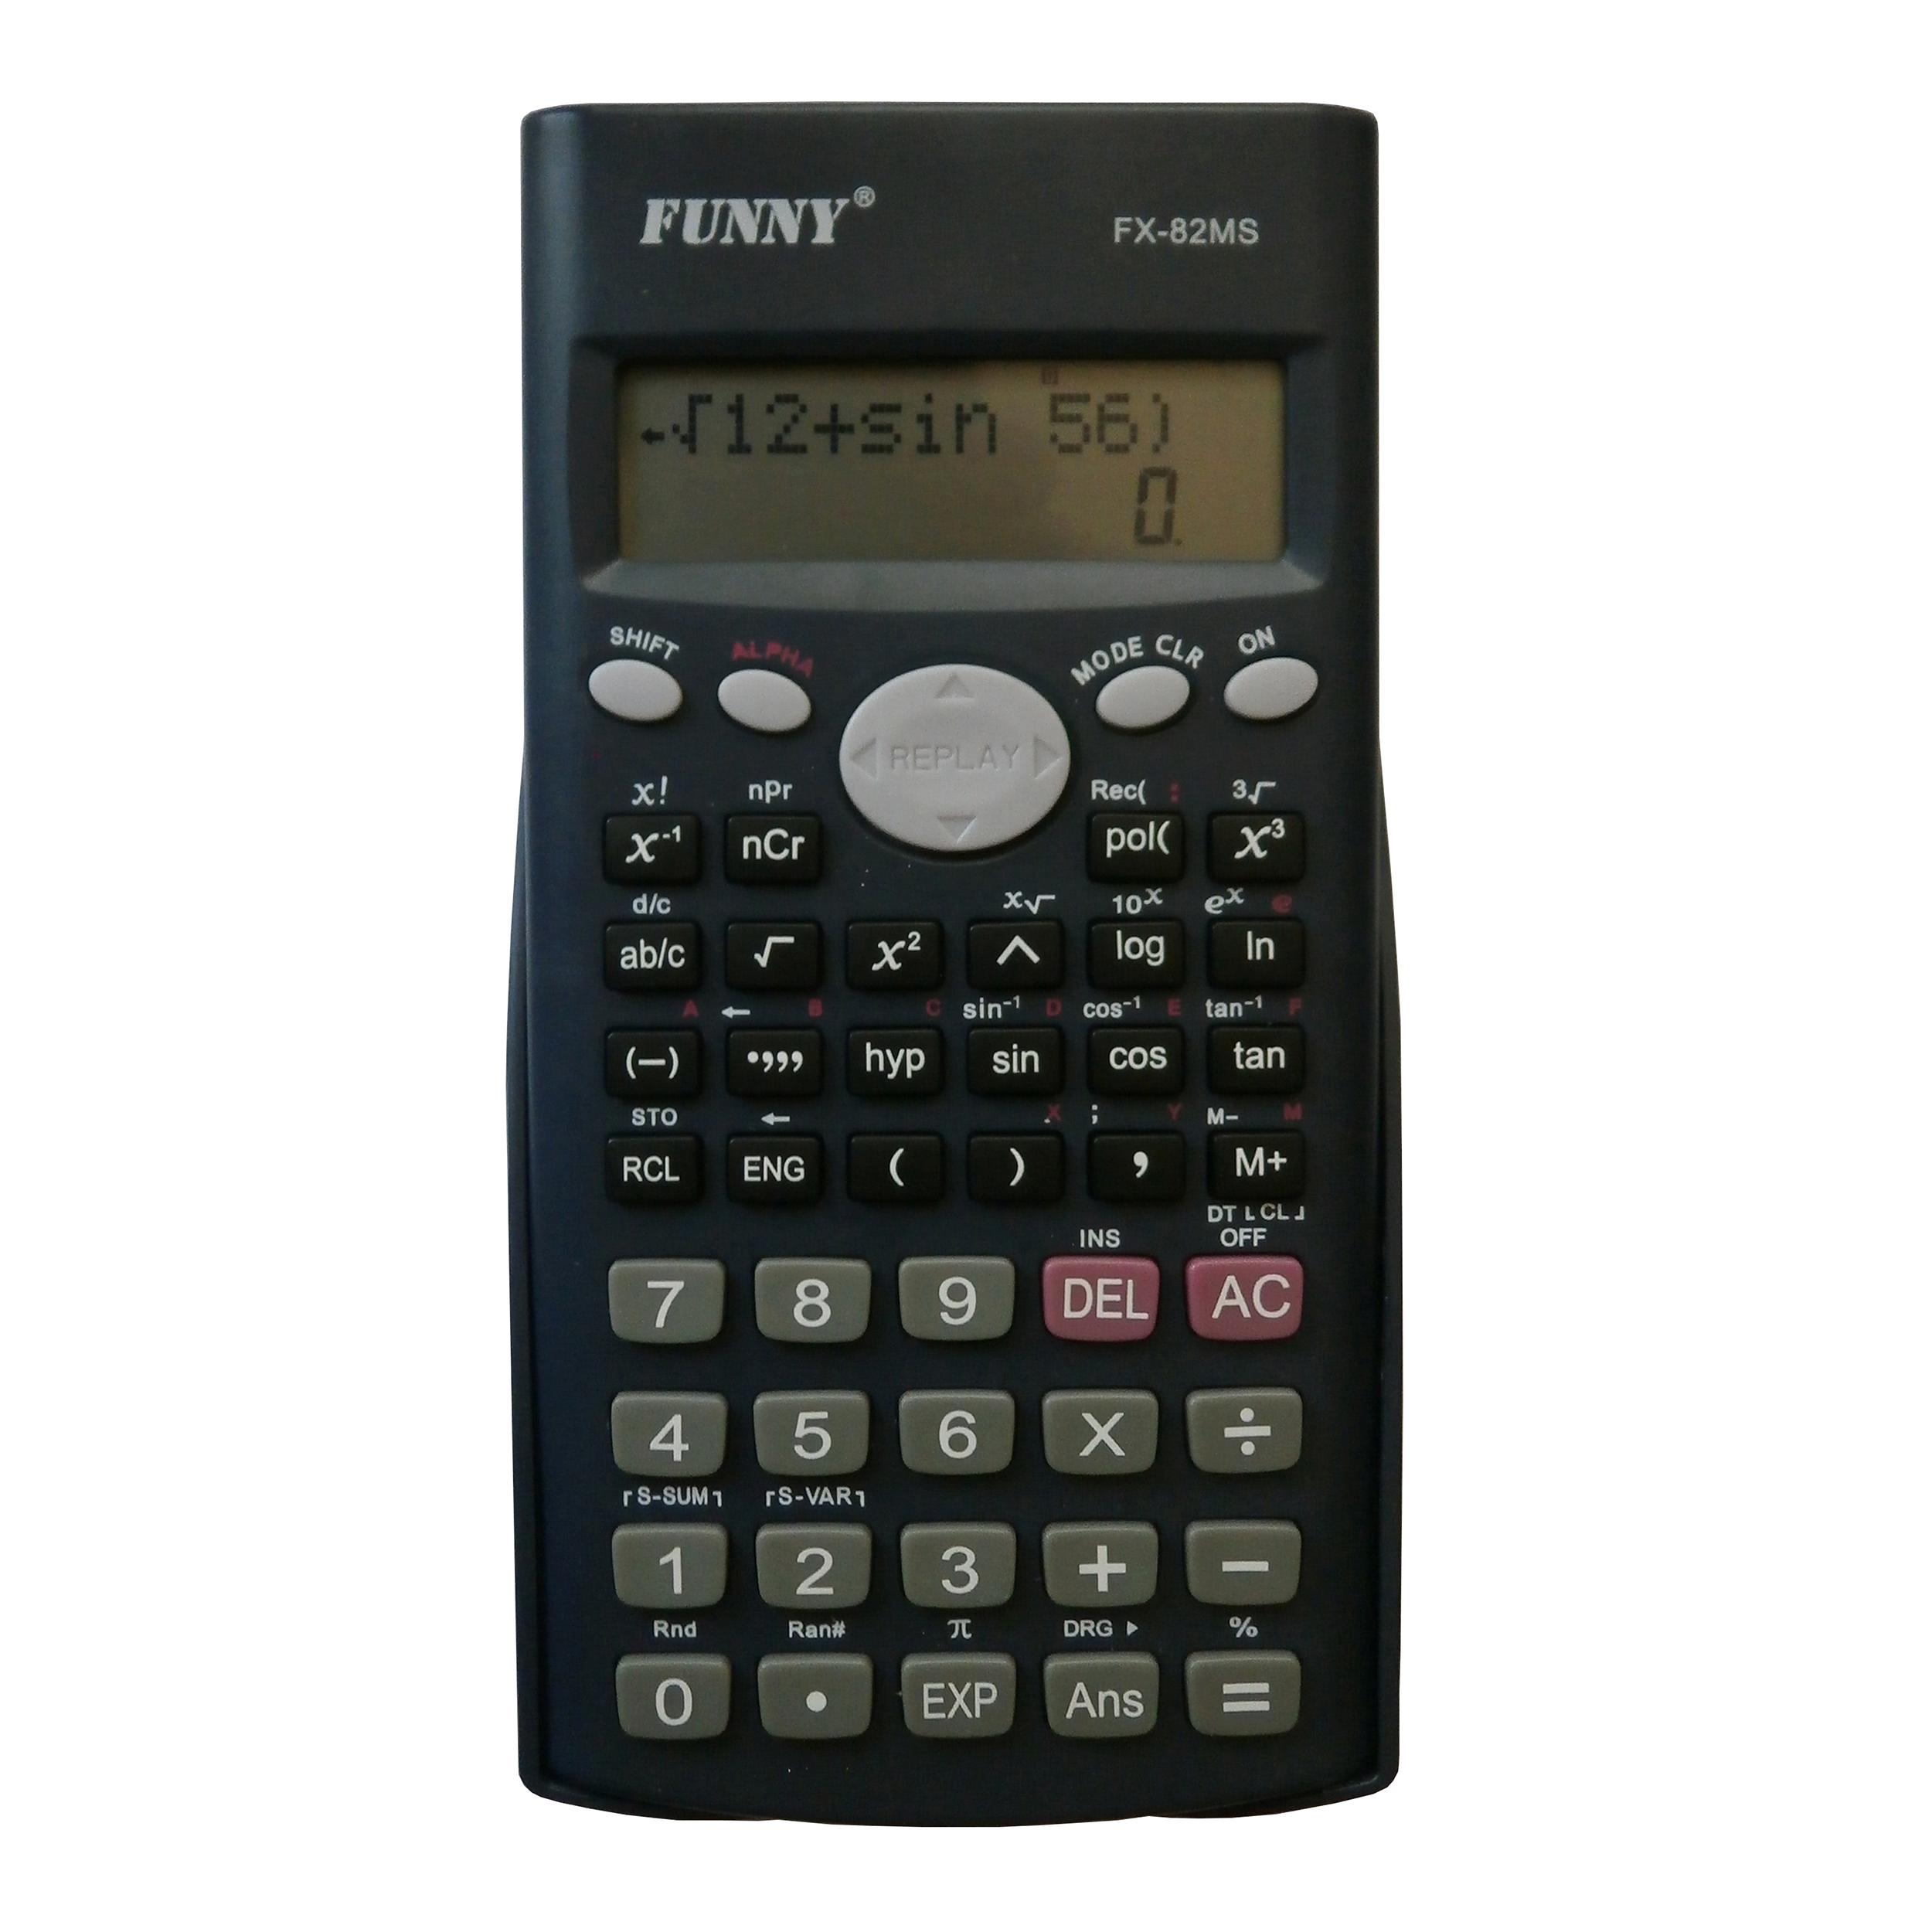 ماشین حساب  فانی مدل FX-82MS